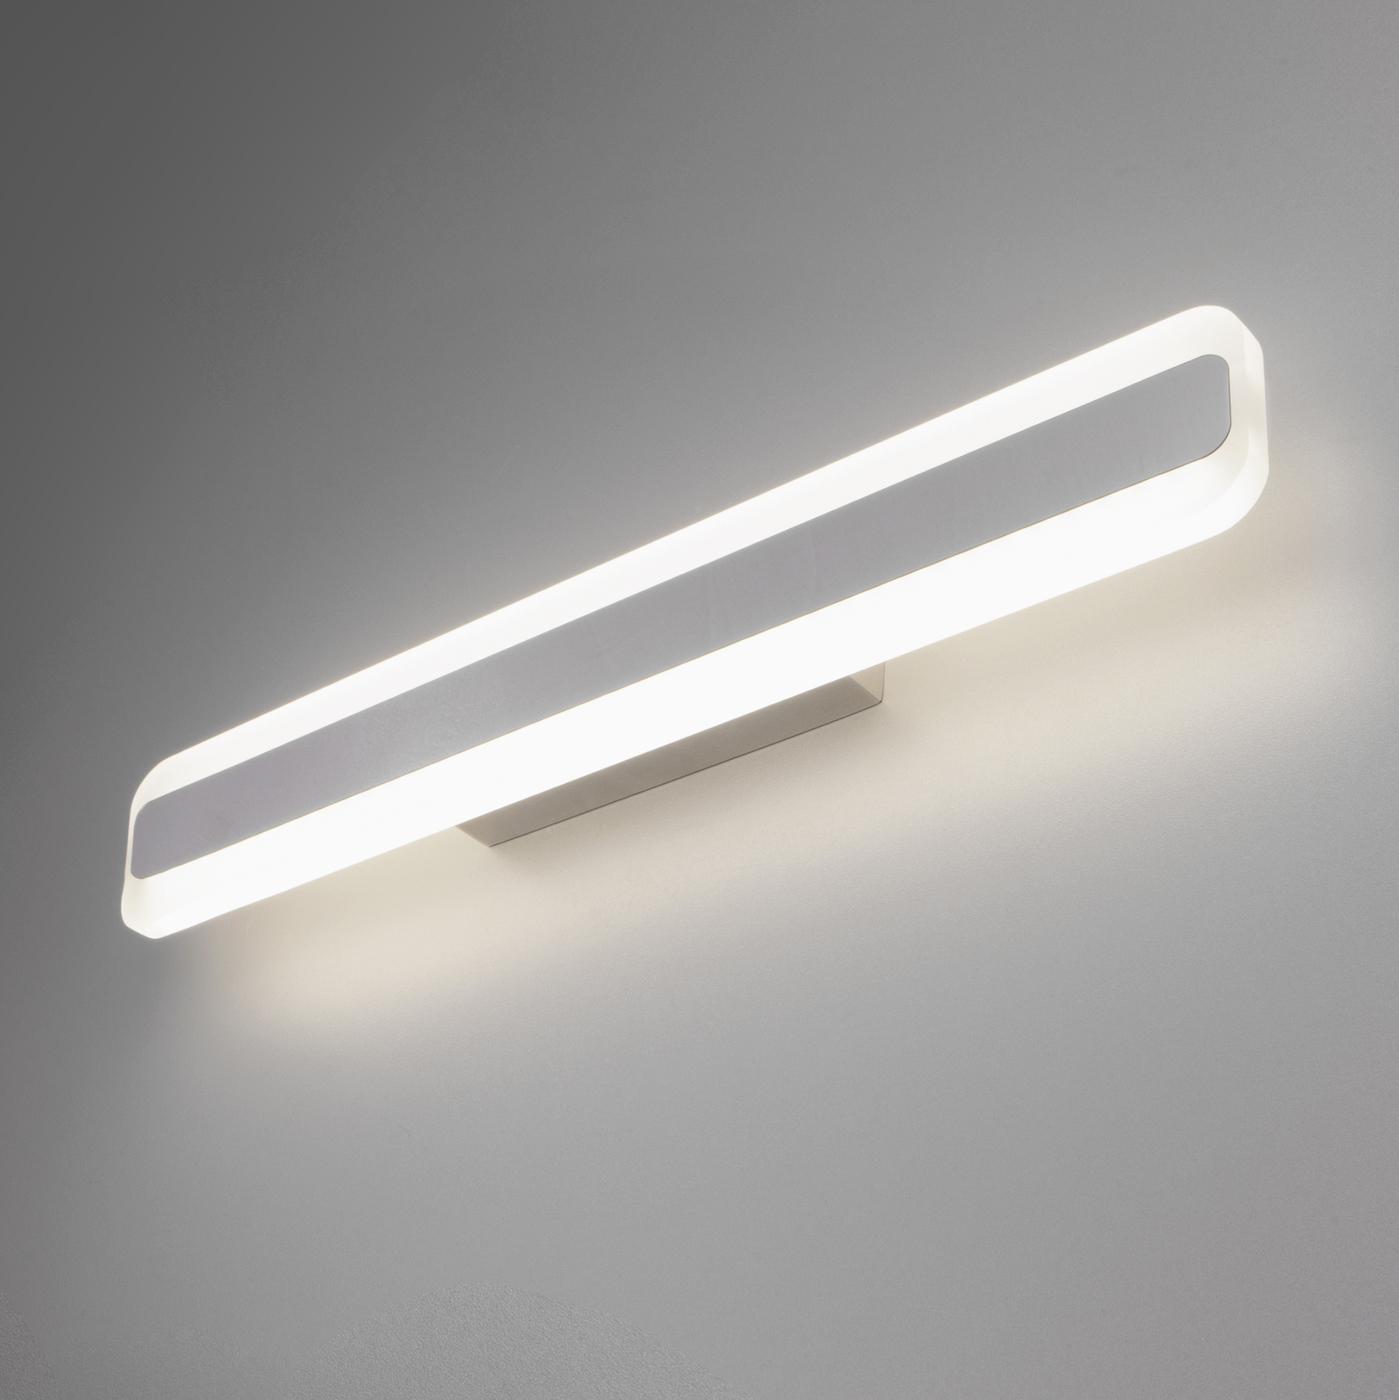 Настенный светильник Elektrostandard Ivata LED светодиодный MRL LED 1085, 16 Вт elektrostandard настенный светильник elektrostandard inside led белый матовый mrl led 12w